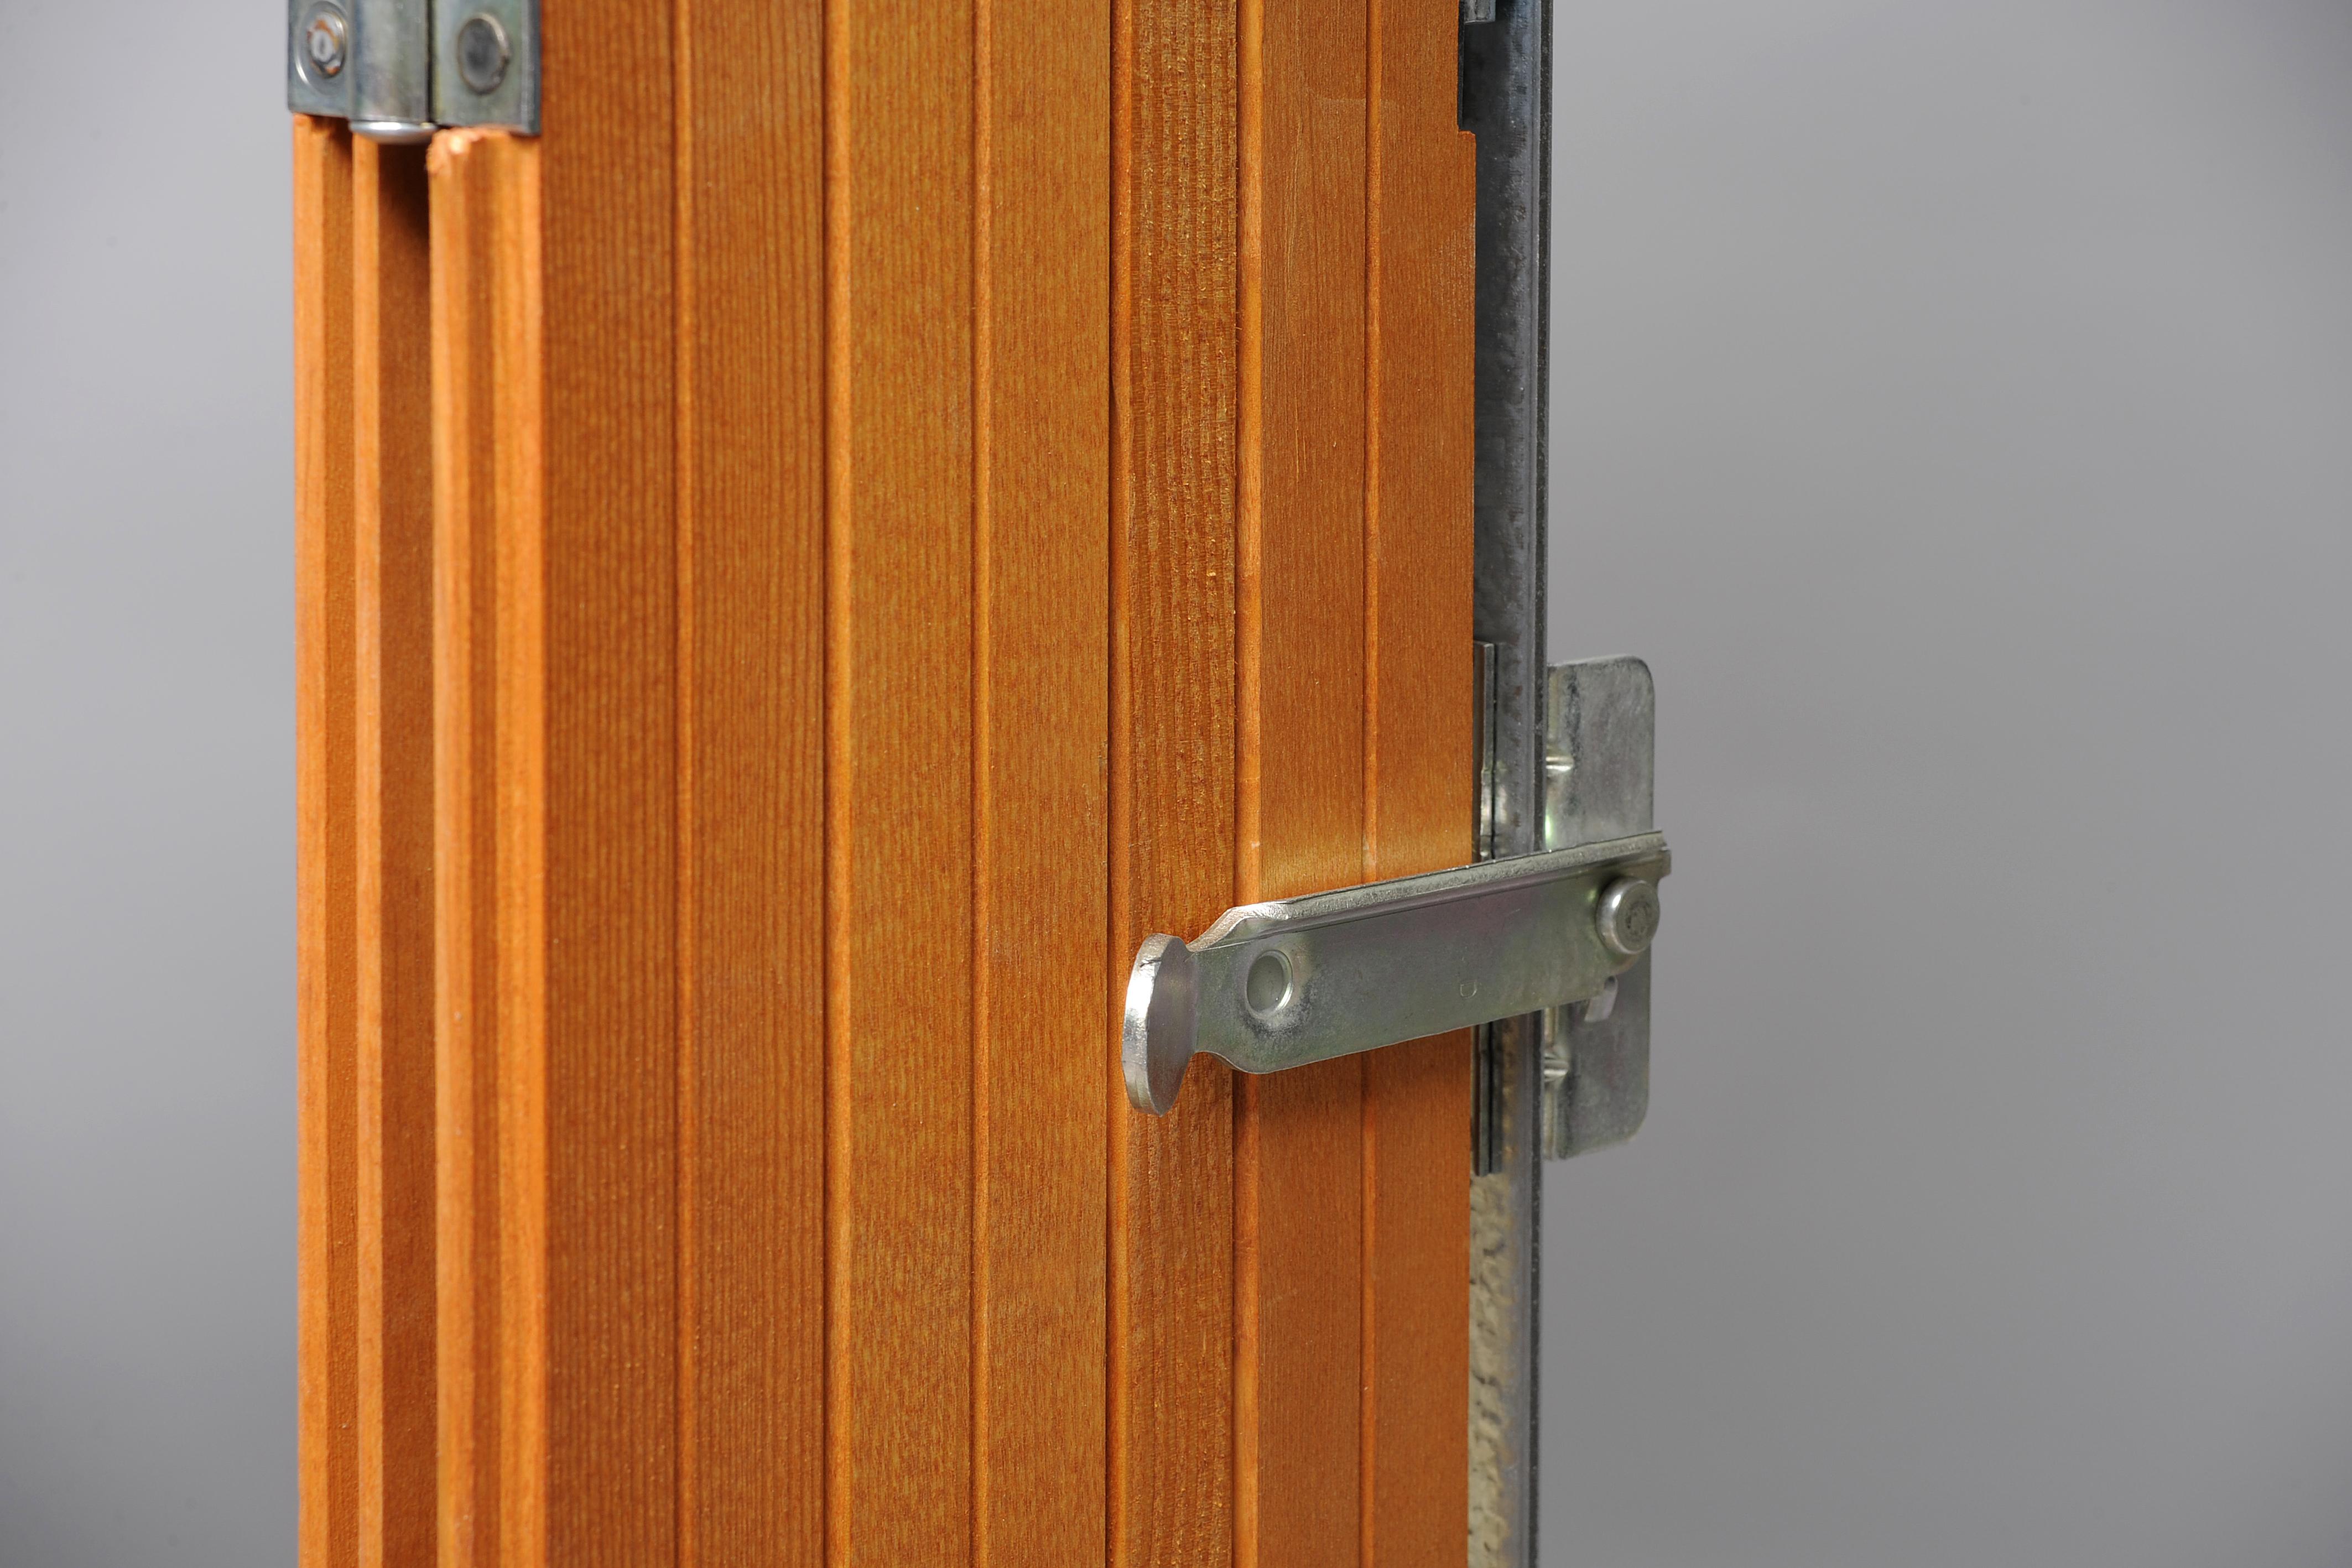 vente volets persiennes en bois pvc ou aluminium marseille 13 la ciotat. Black Bedroom Furniture Sets. Home Design Ideas